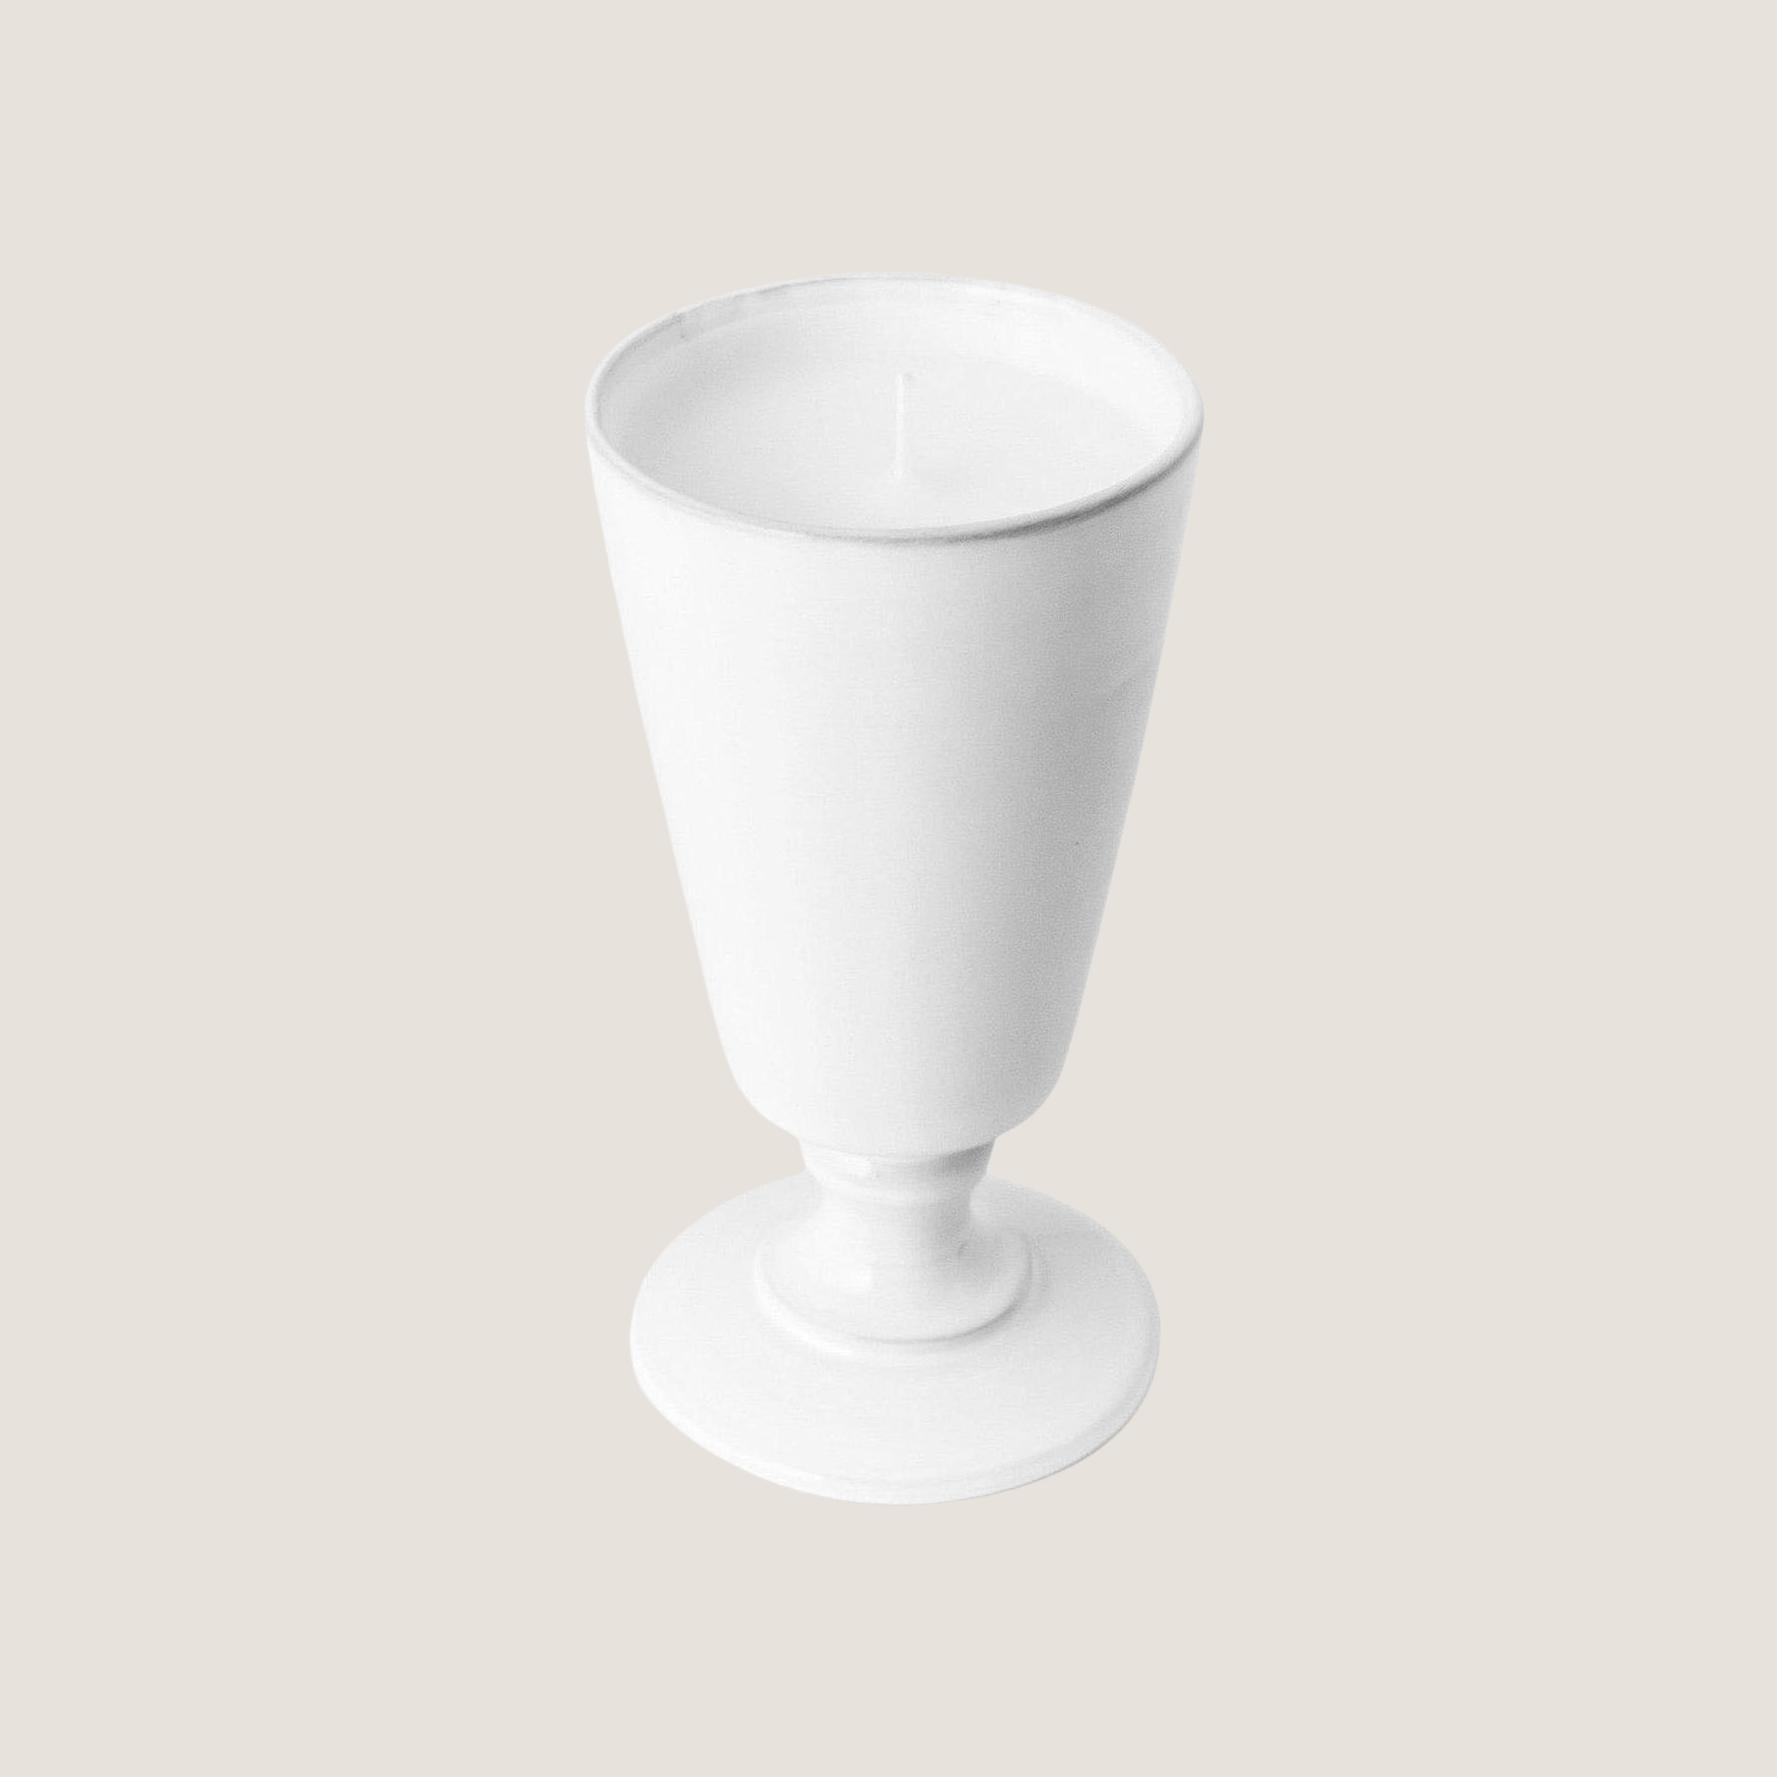 Paris Ceramic Candle - Small